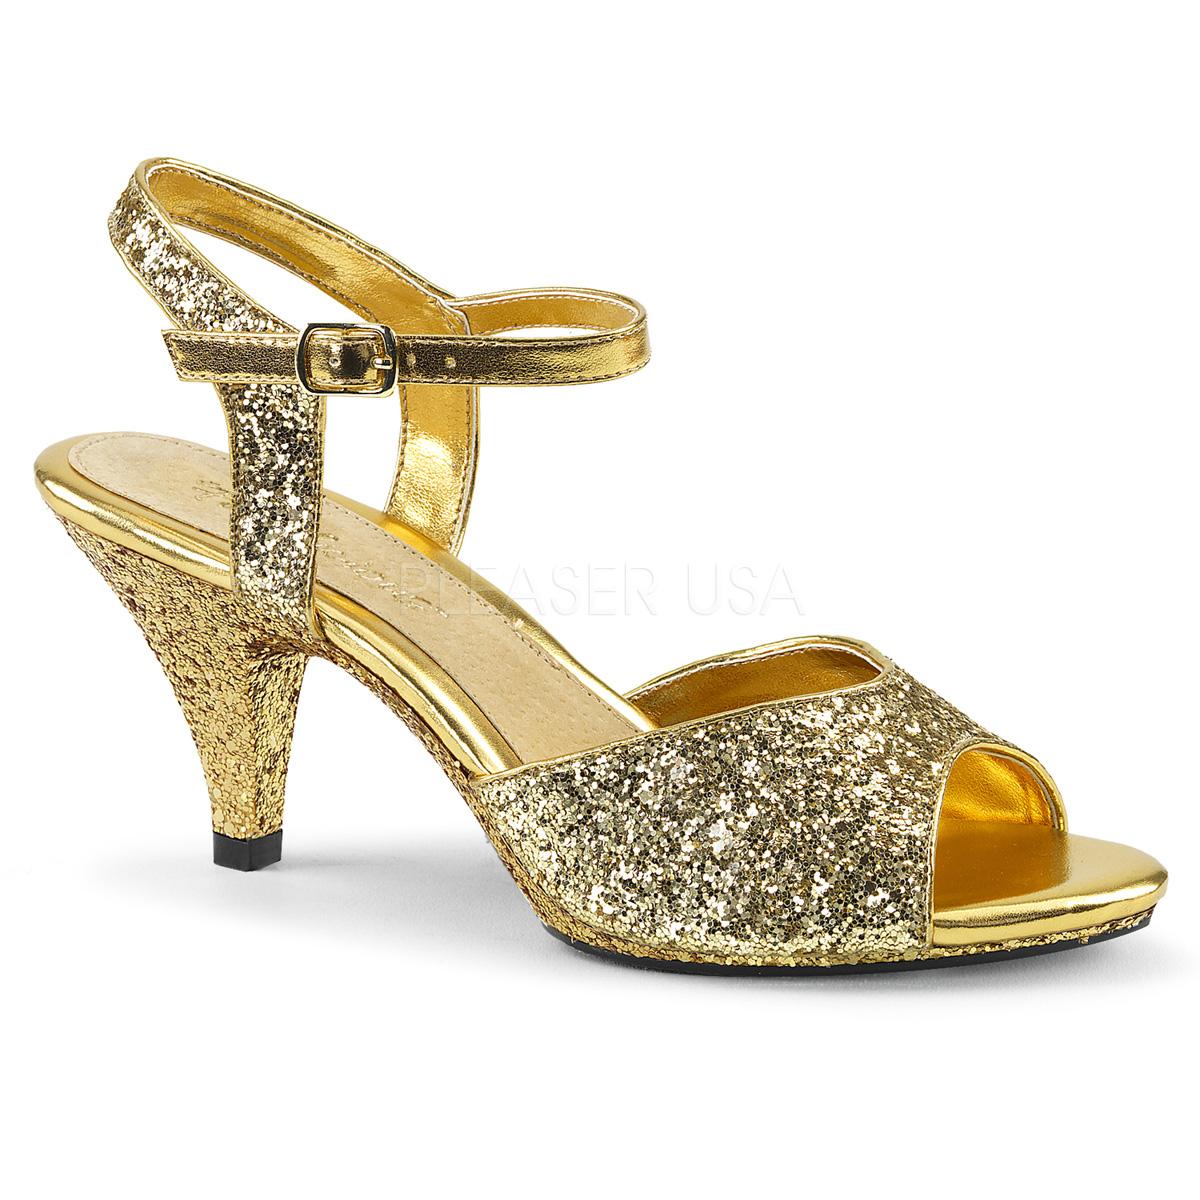 Guld glimmer 8 cm BELLE 309G højhælede sko til mænd